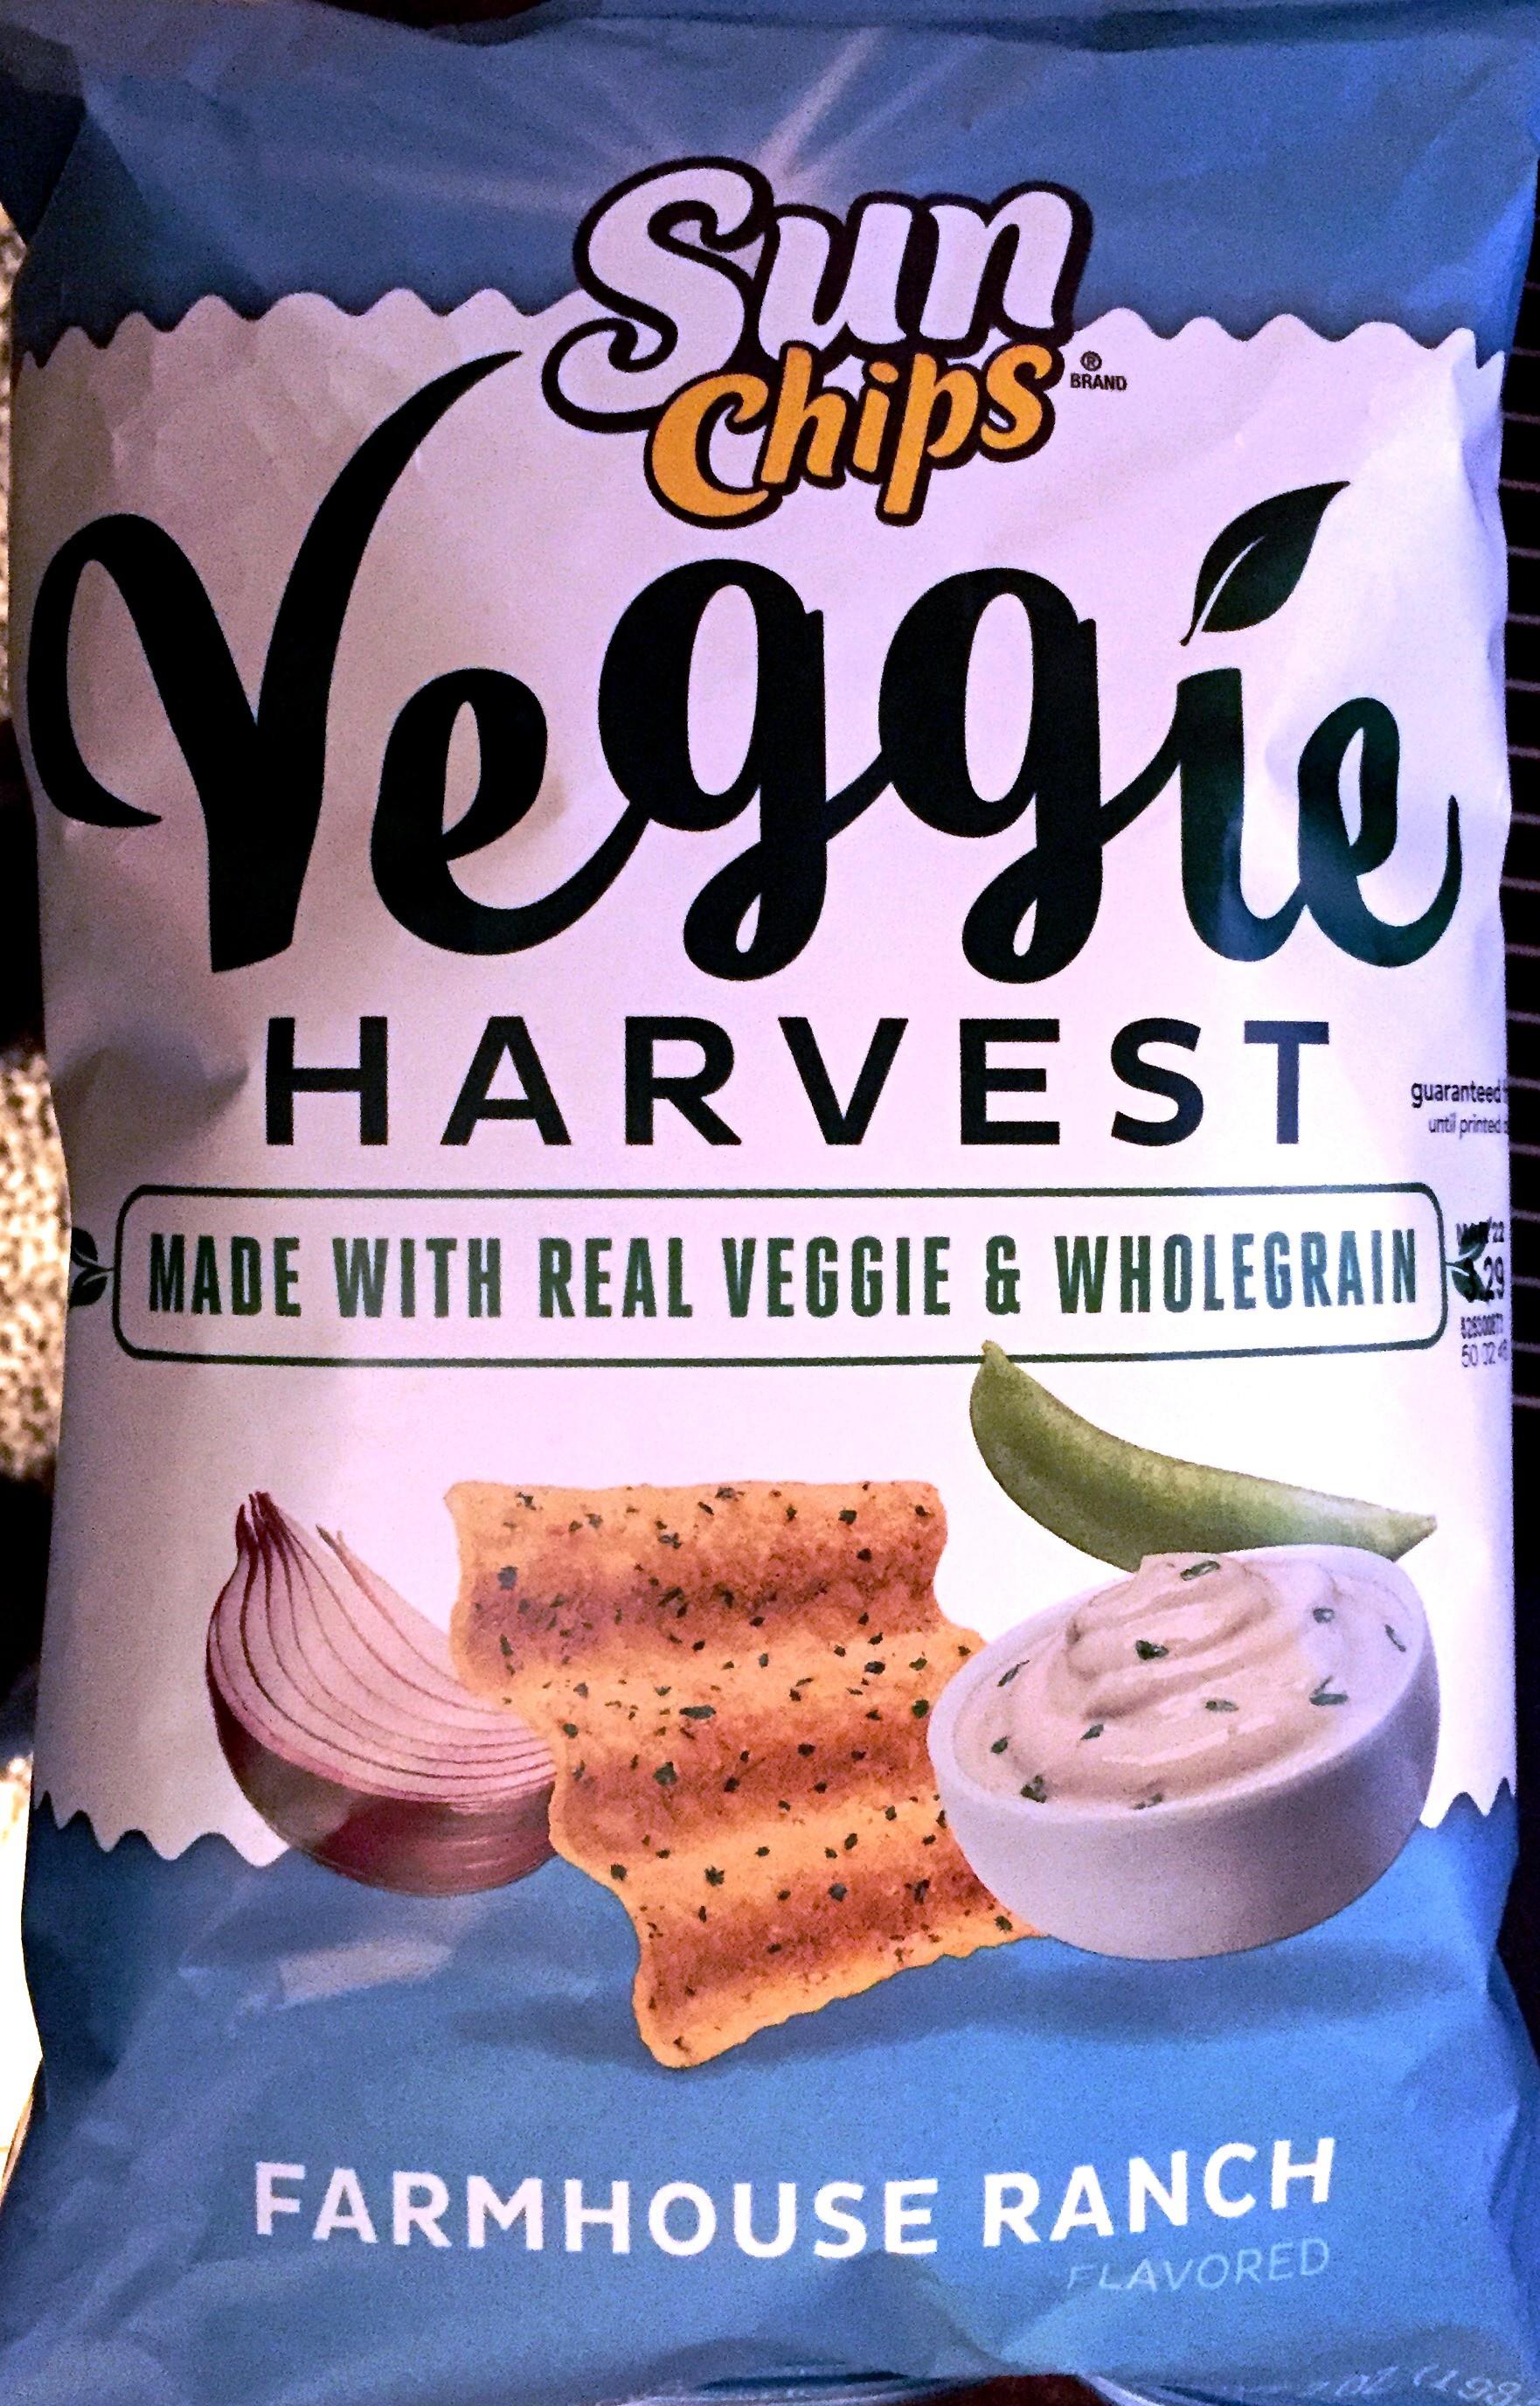 Bijou Review Sun Chips Veggie Harvest Farmhouse Ranch Chip Review